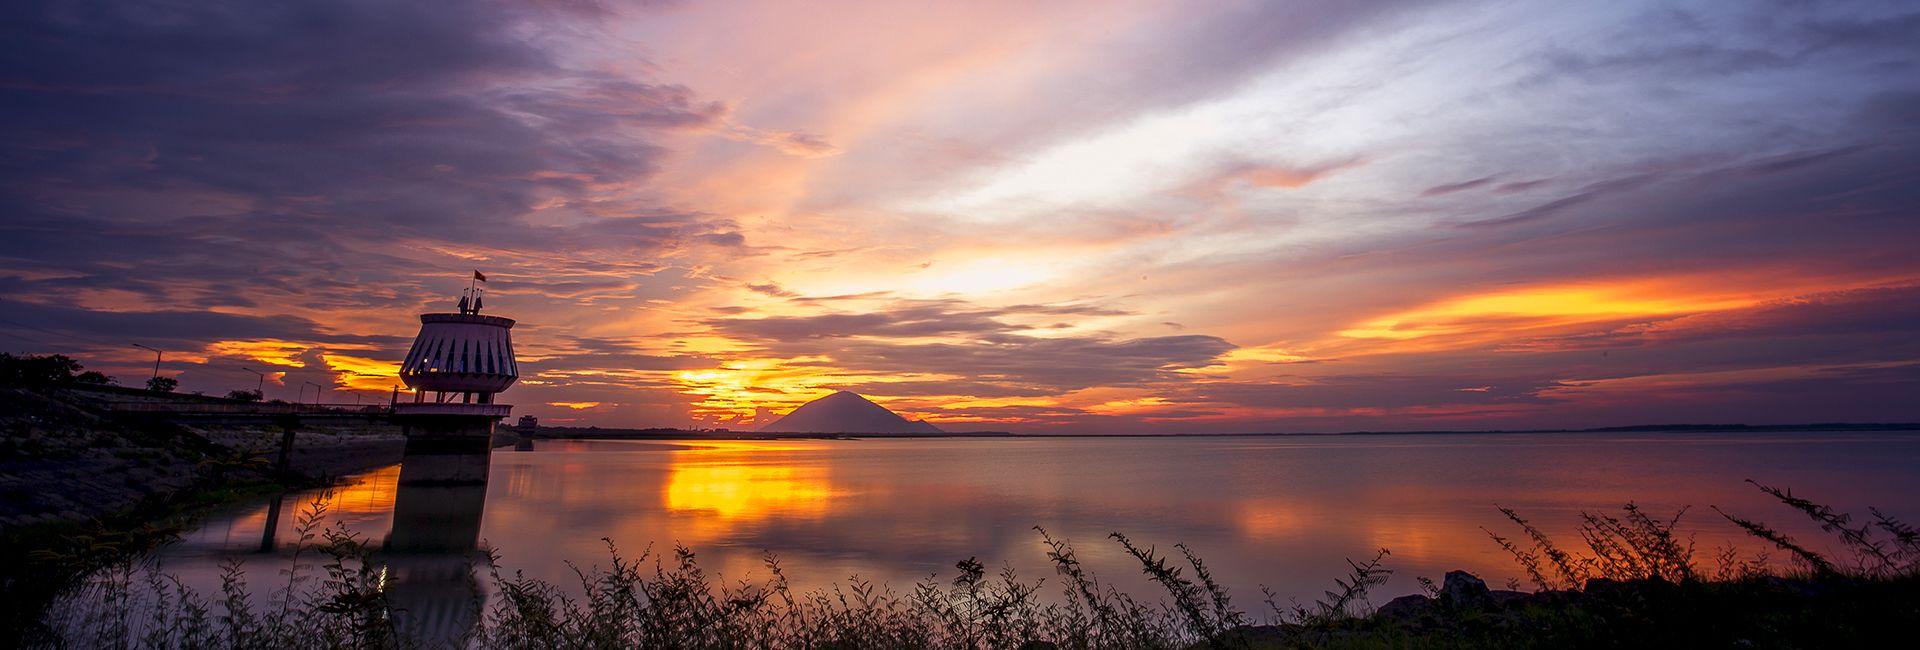 Hướng dẫn tham quan hồ Dầu Tiếng, Sài Gòn chi tiết nhất